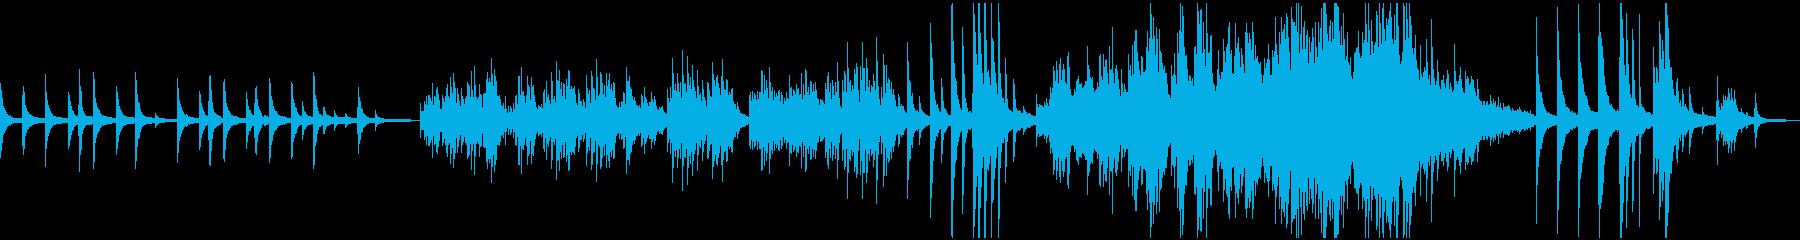 ピアノソロ:癒し、暗い雰囲気の再生済みの波形